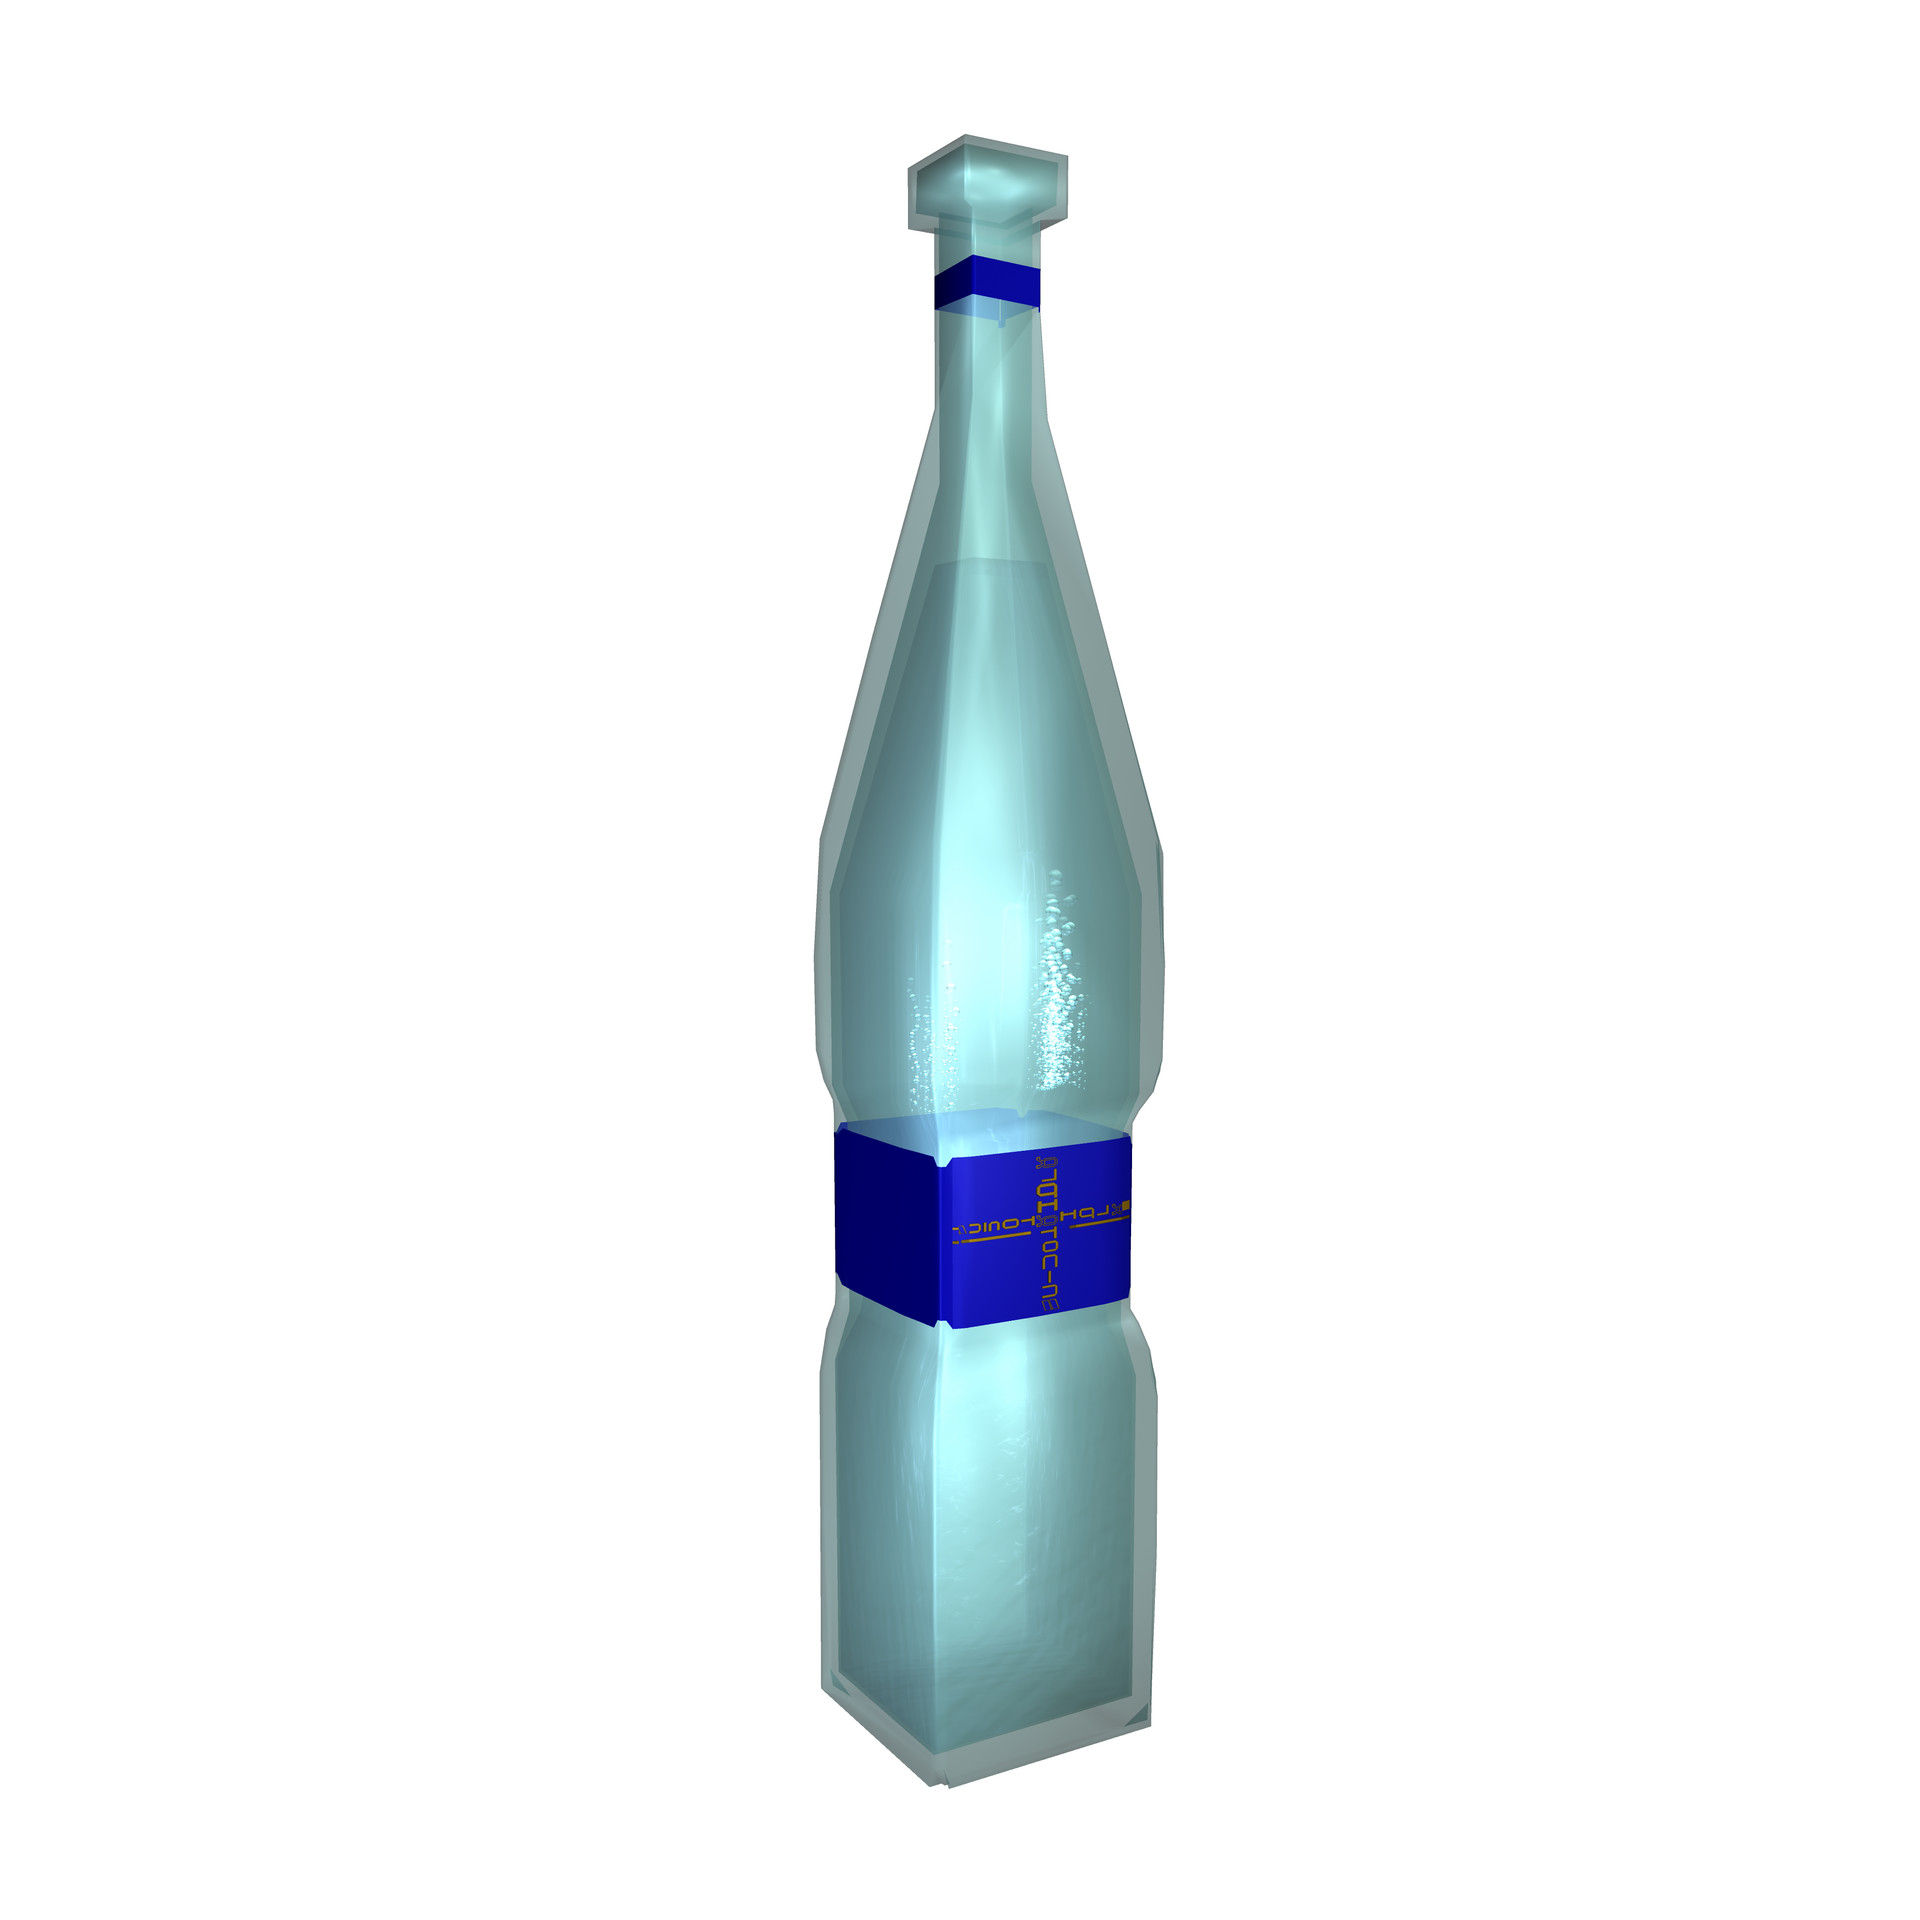 Michael kumpmann flasche fertig kopie